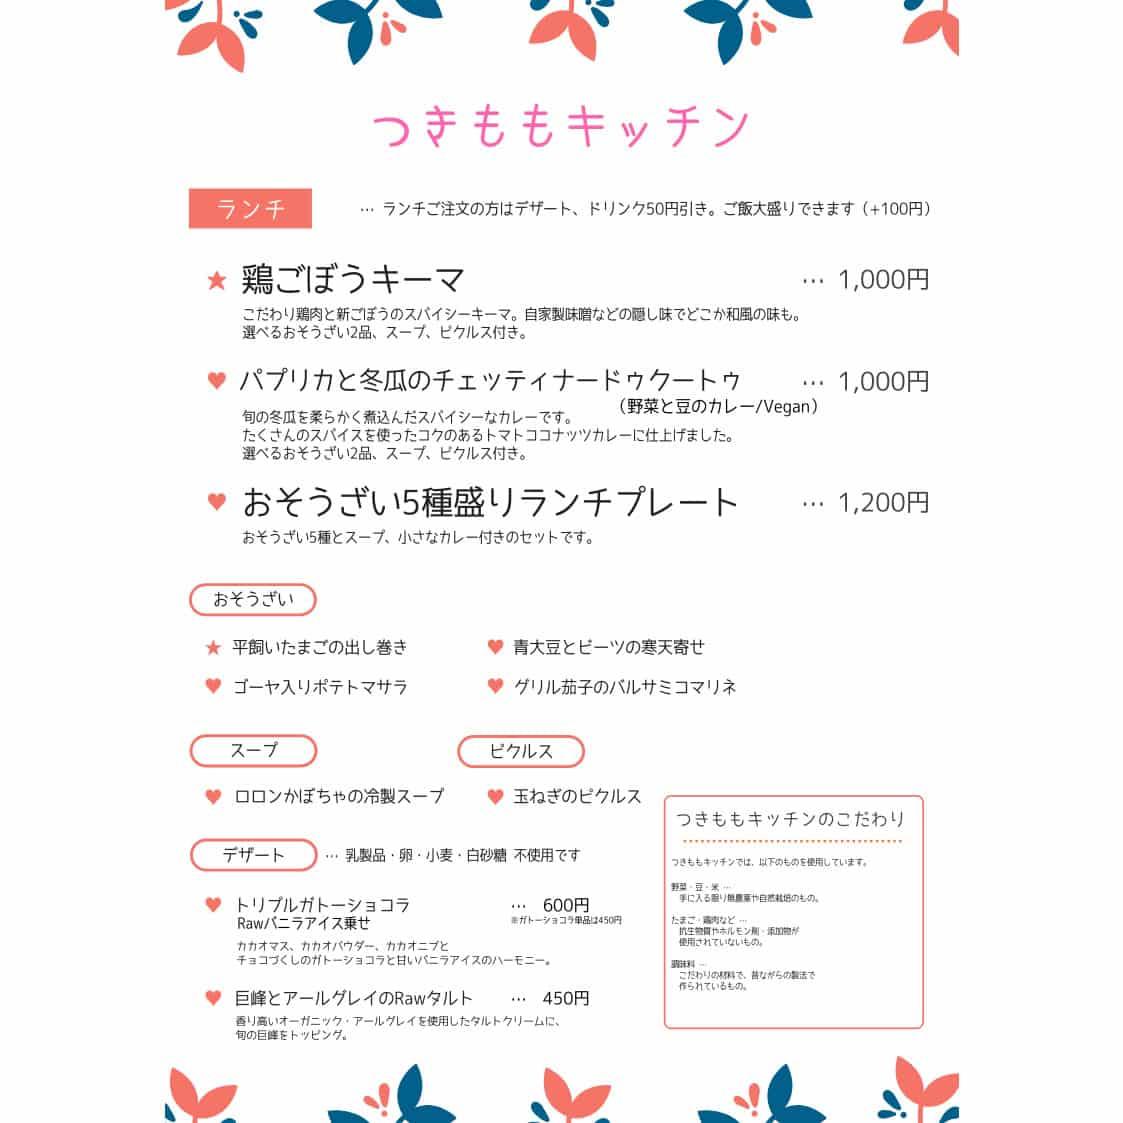 つきももキッチン 2019/09/15